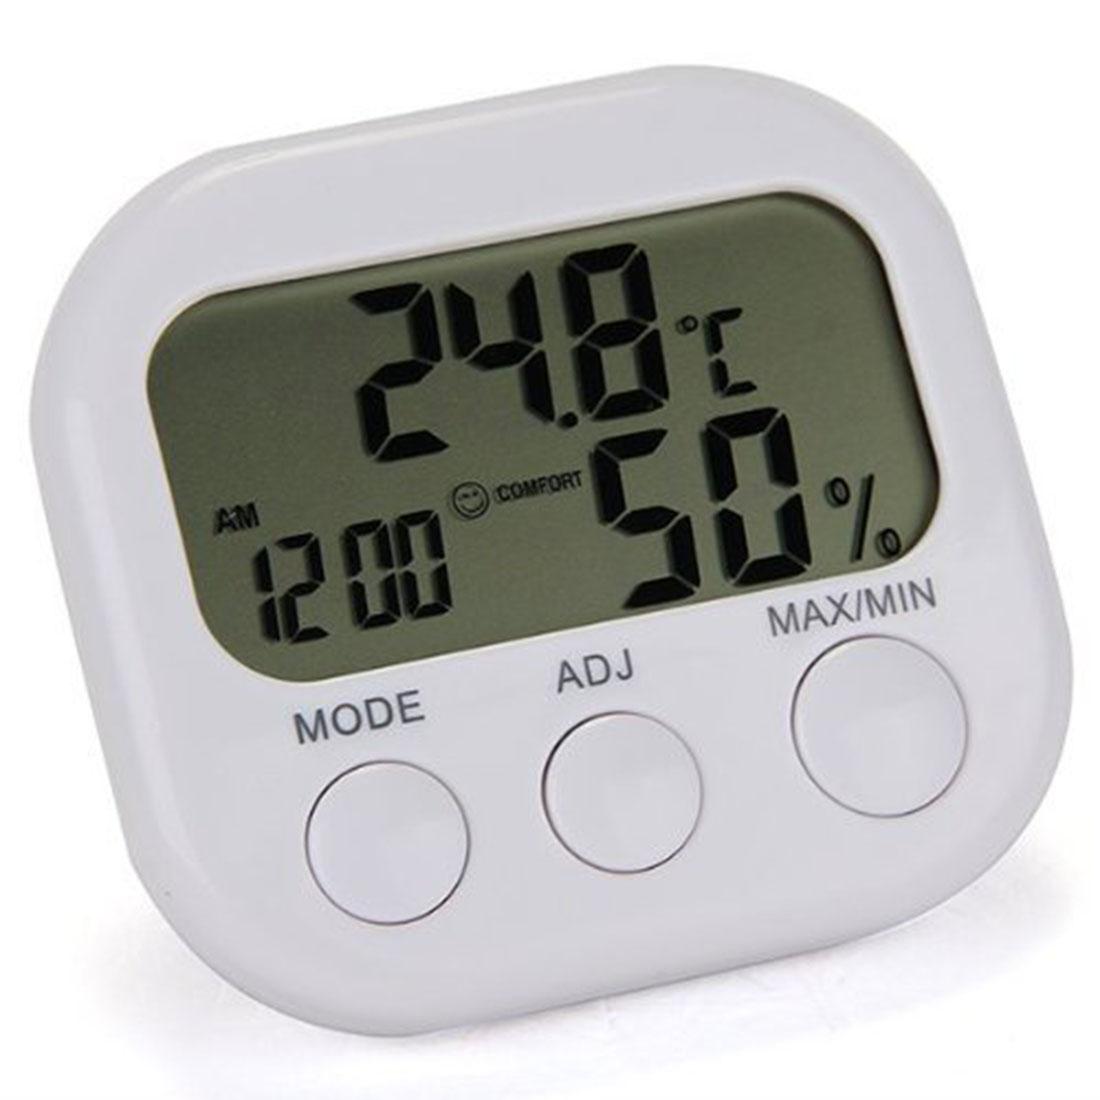 Прибор для измерения температуры OEM 2015 LCD C0379 прибор для измерения температуры oem 2015 lcd c0379